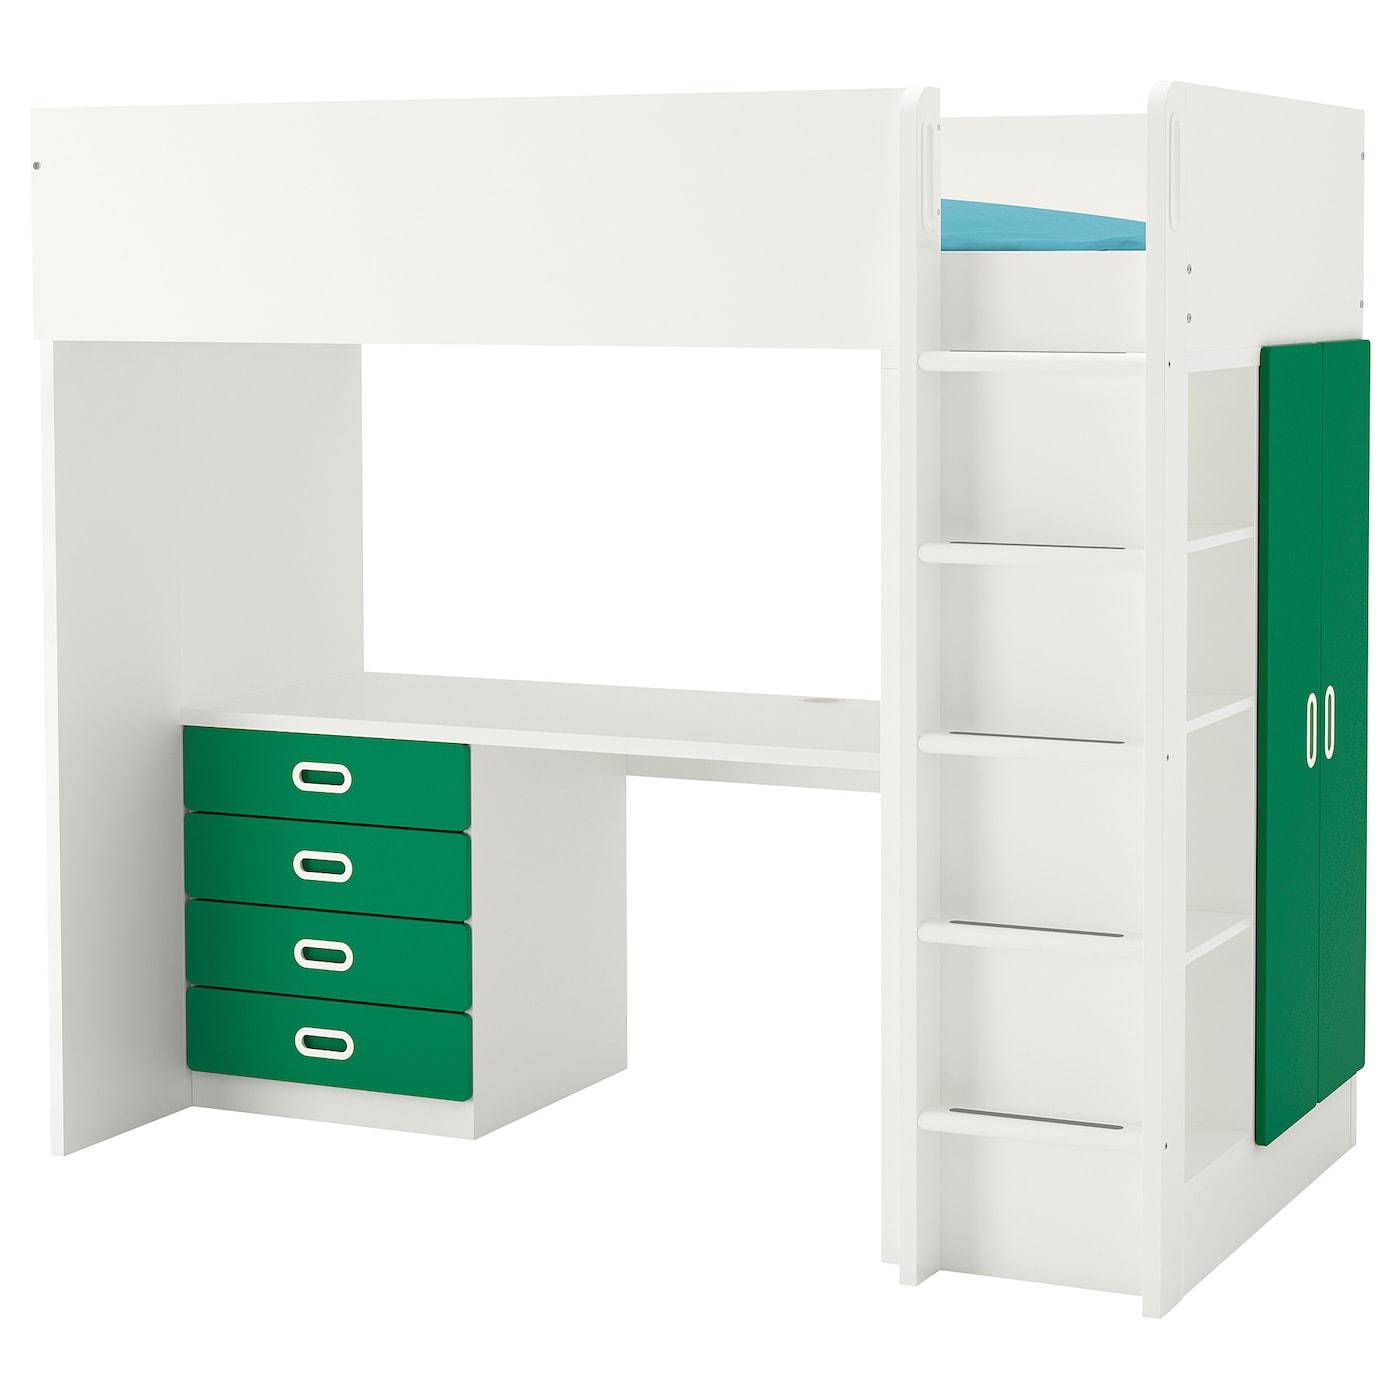 IKEA STUVA biało-zielona kombinacja ramy łóżka na antresoli z biurkiem, komodą z czterema szufladami i szafką z parą drzwi FRITIDS, 207x99x182 cm